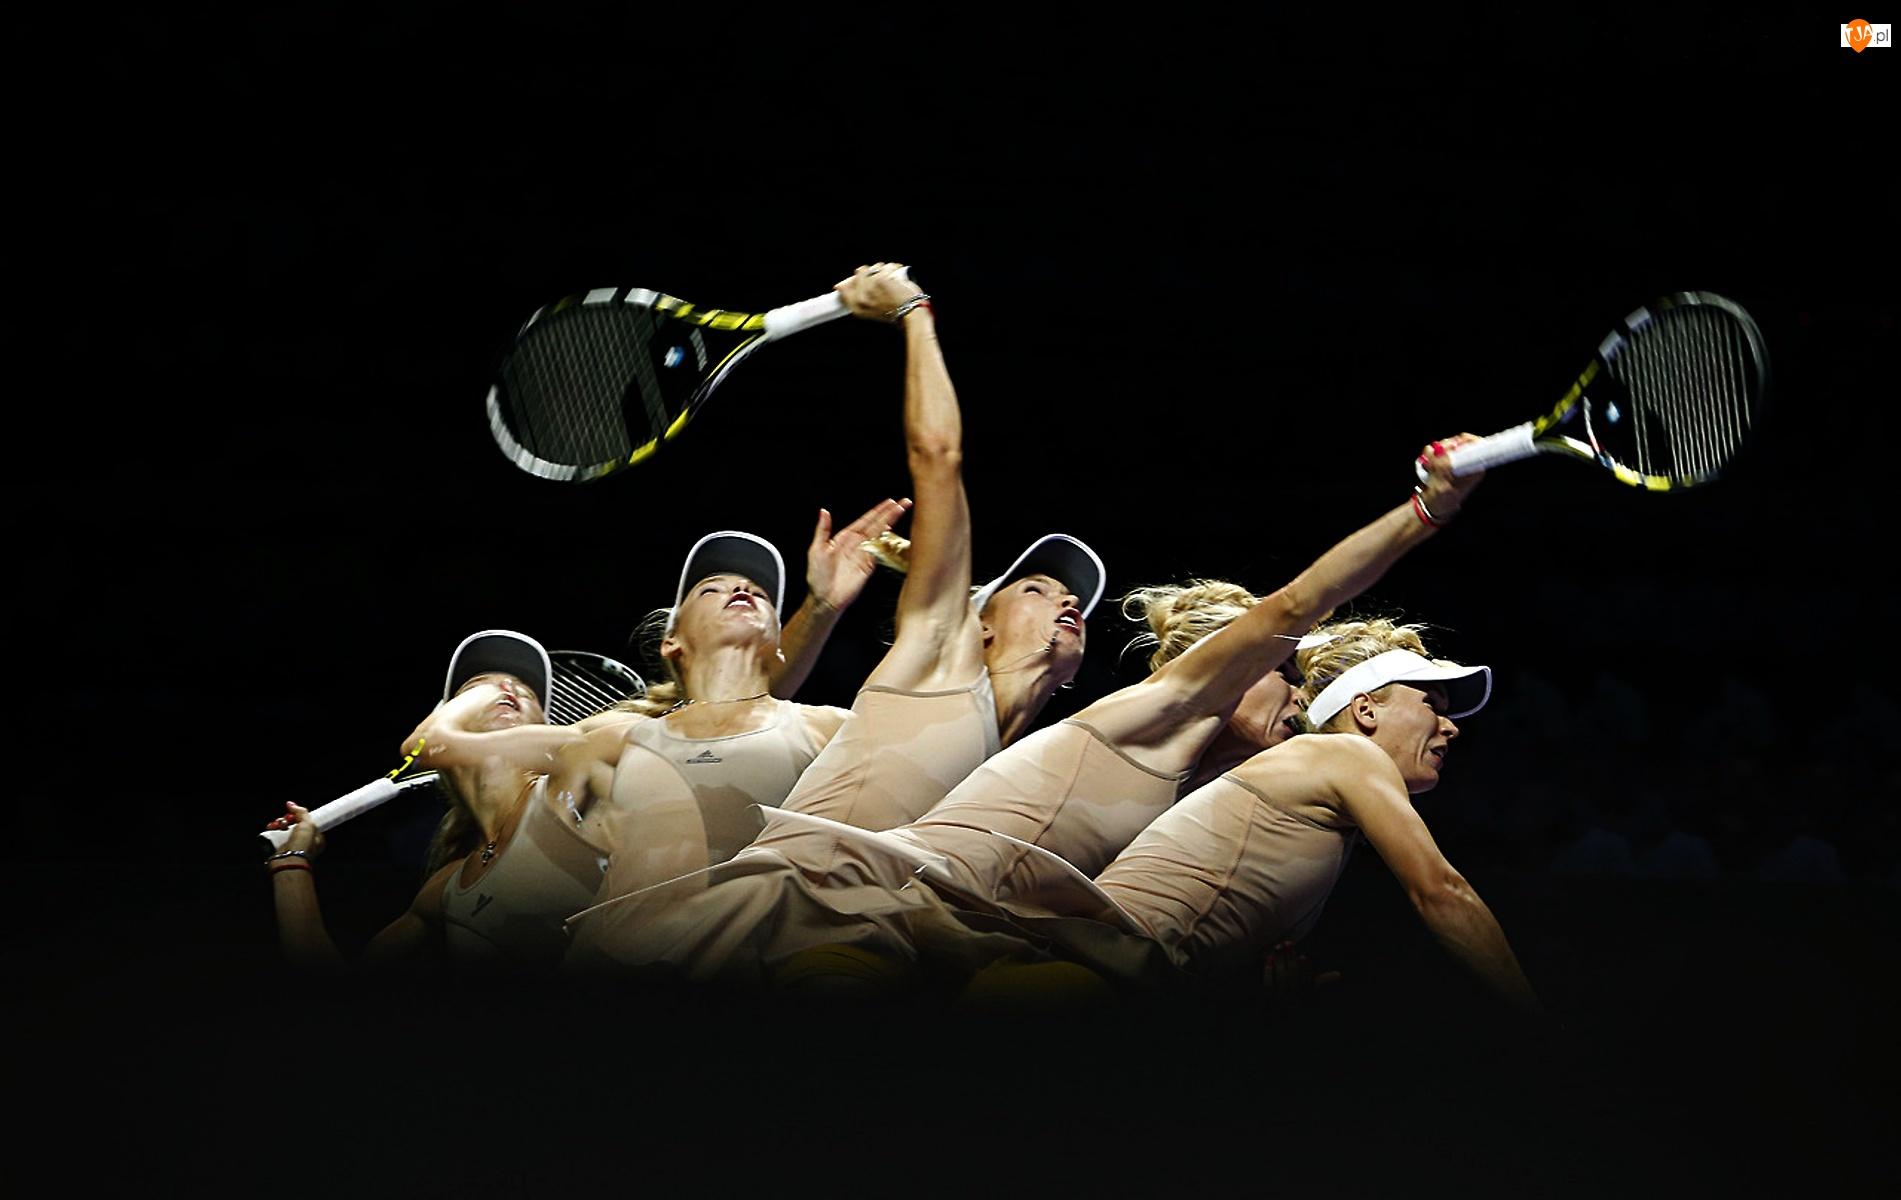 Tenis, Caroline, Woźniacki